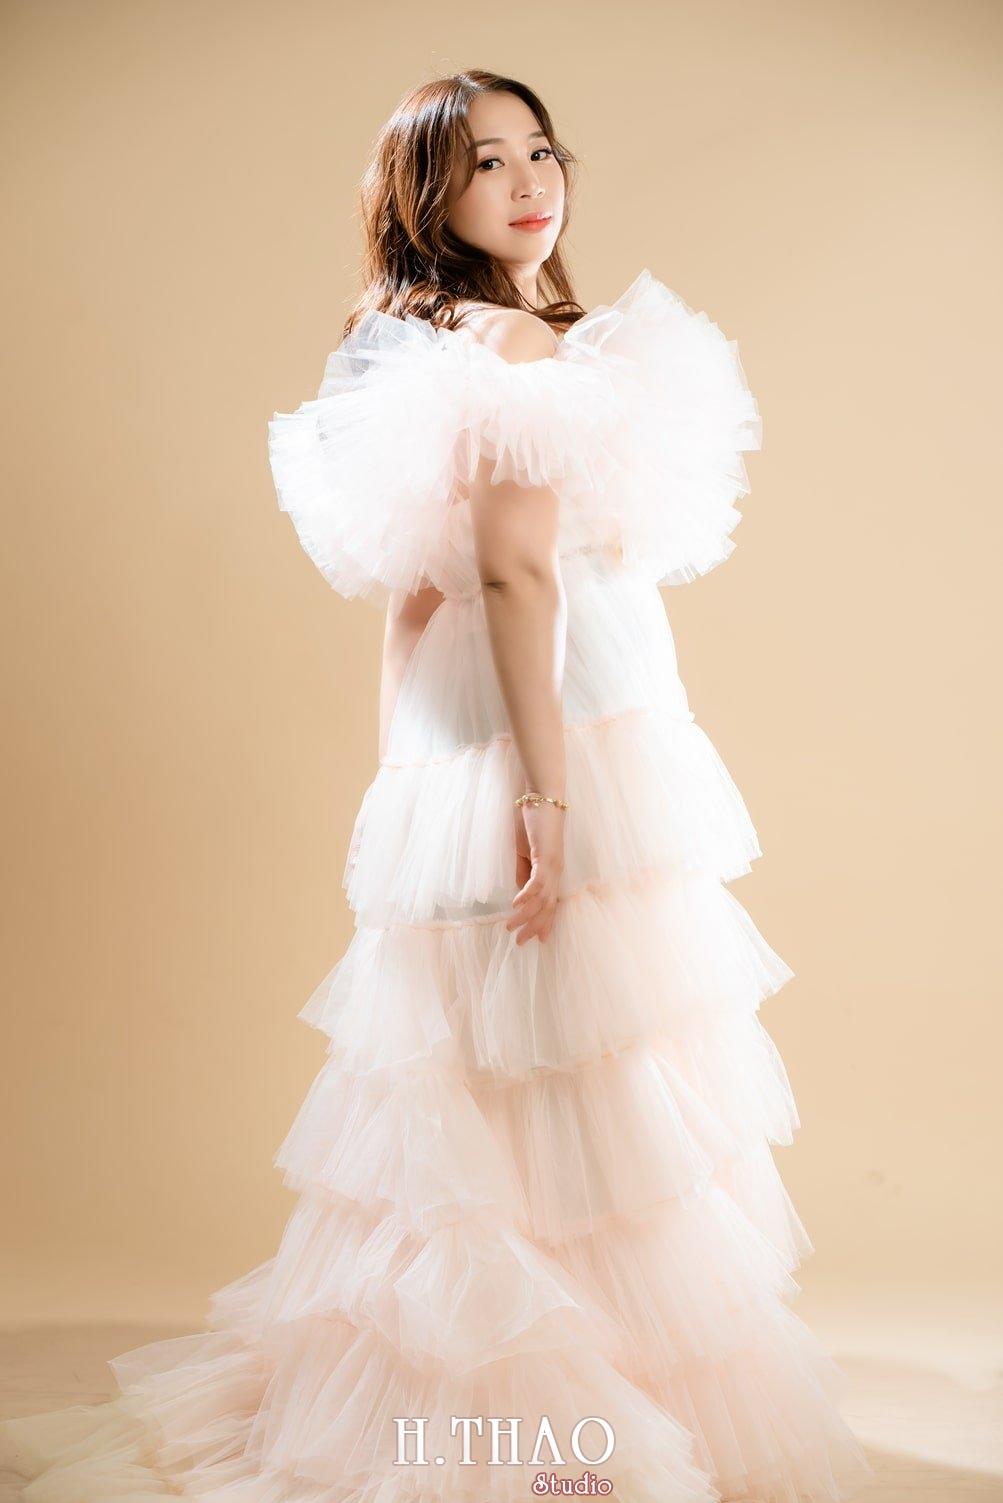 Anh Beauty 10 - Album ảnh beauty bé Sang đẹp nhẹ nhàng - HThao Studio